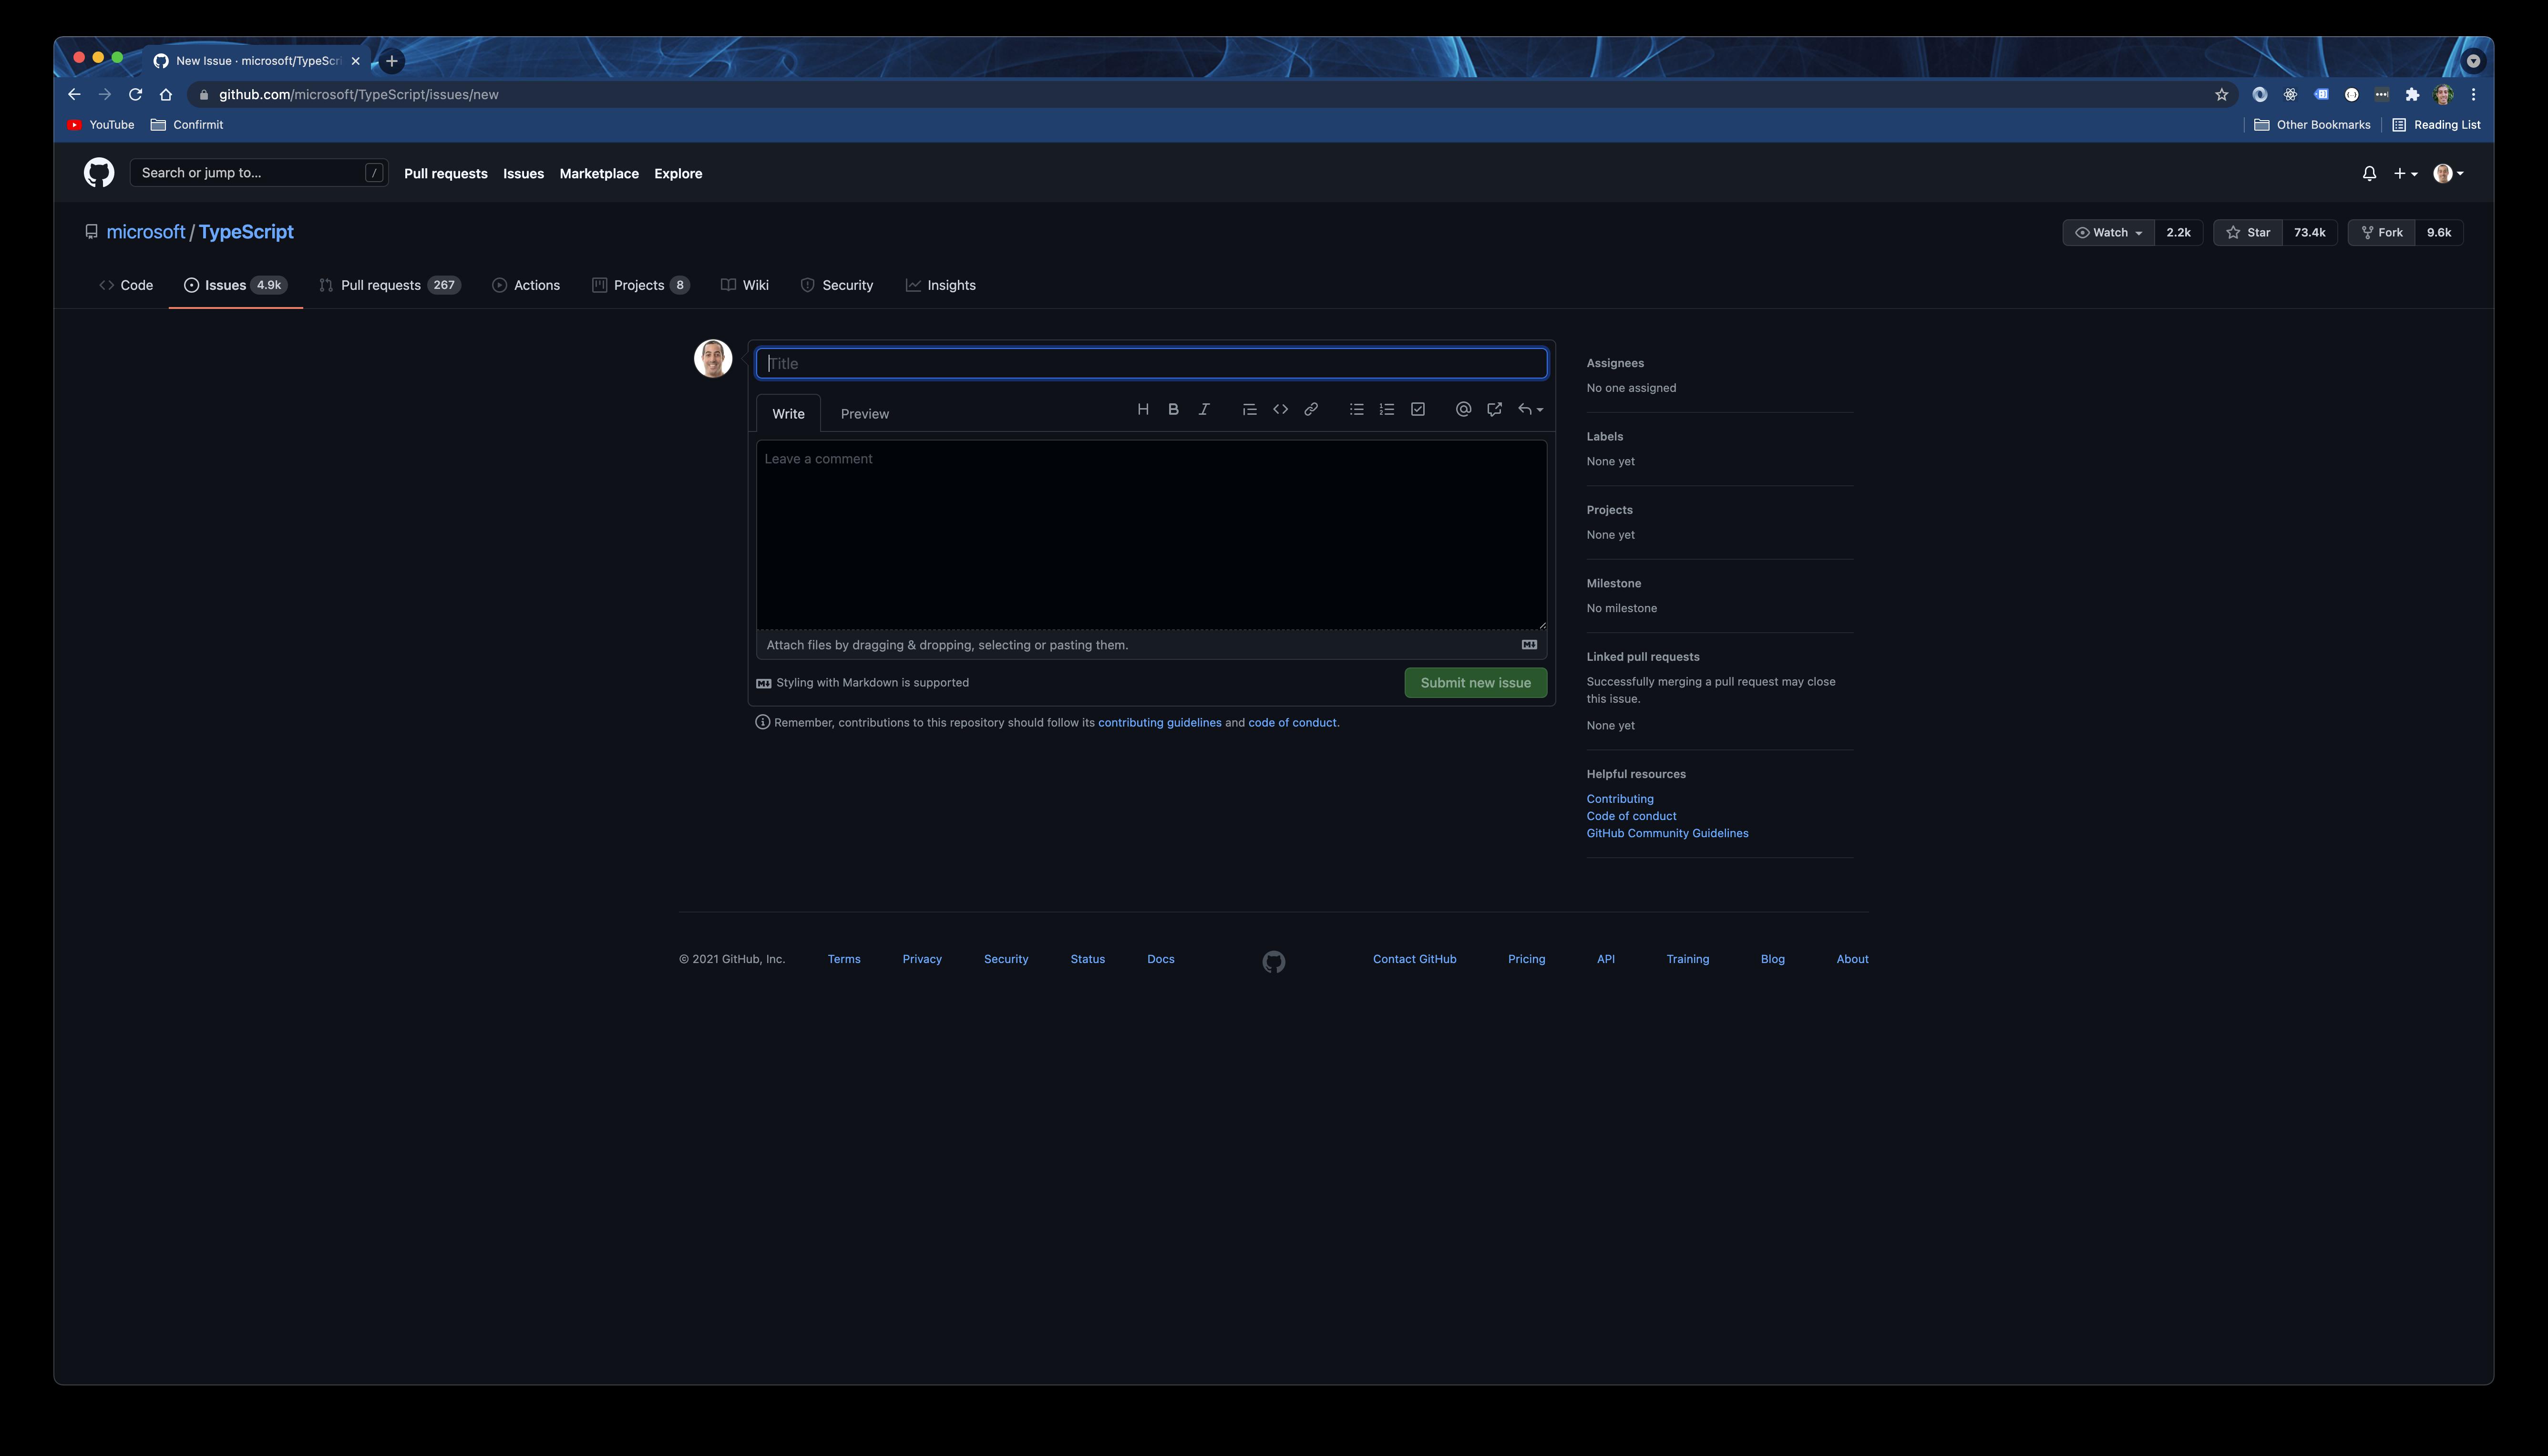 Screenshot 2021-08-12 at 10 34 36